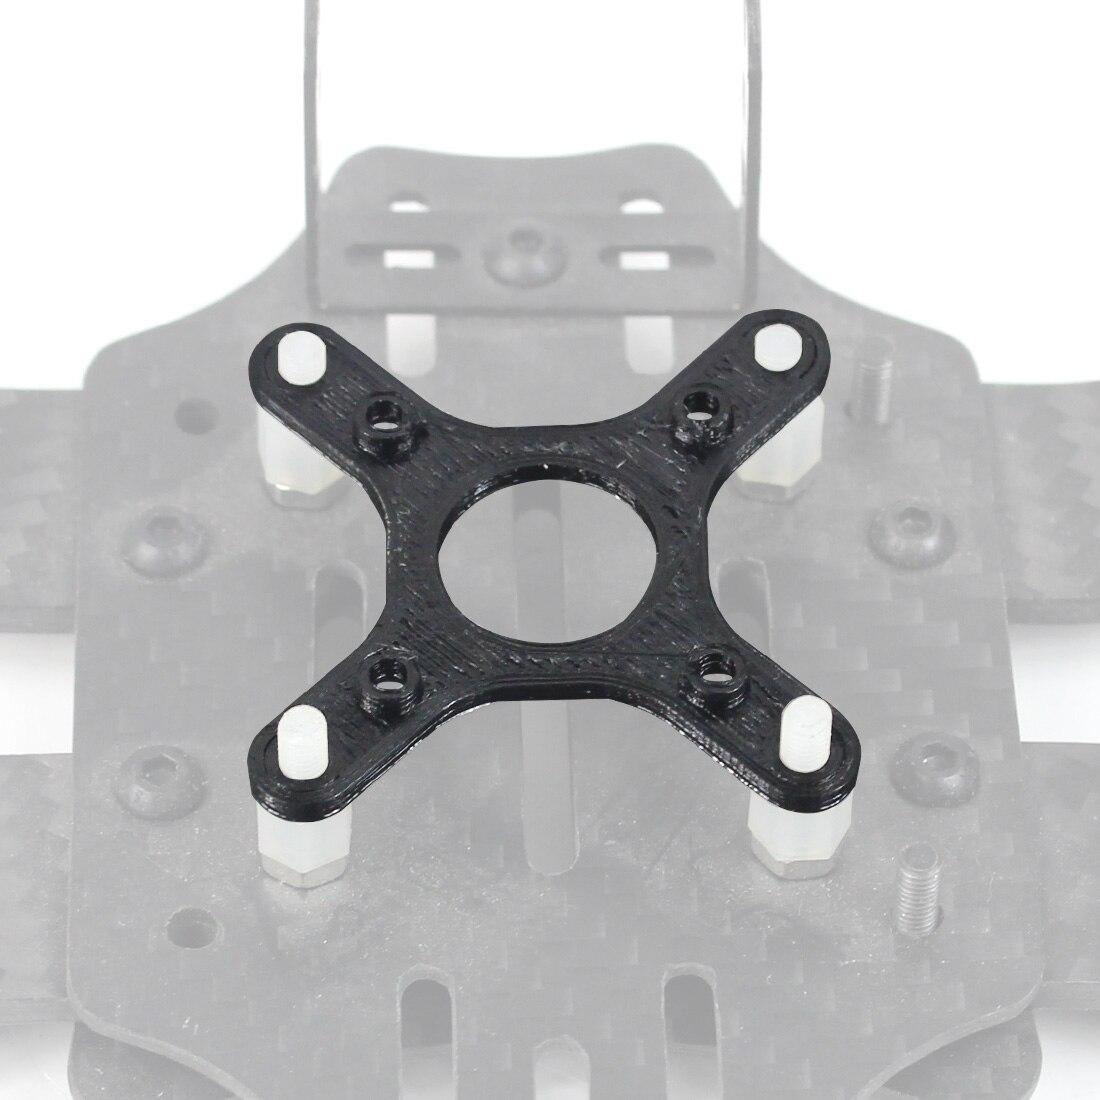 1 шт. термополиуретановая 3D печать 20 мм M2 передача отверстий 30,5 мм M3 пластина для FPV гоночный Дрон Контроллер полета Квадрокоптер DIY модели